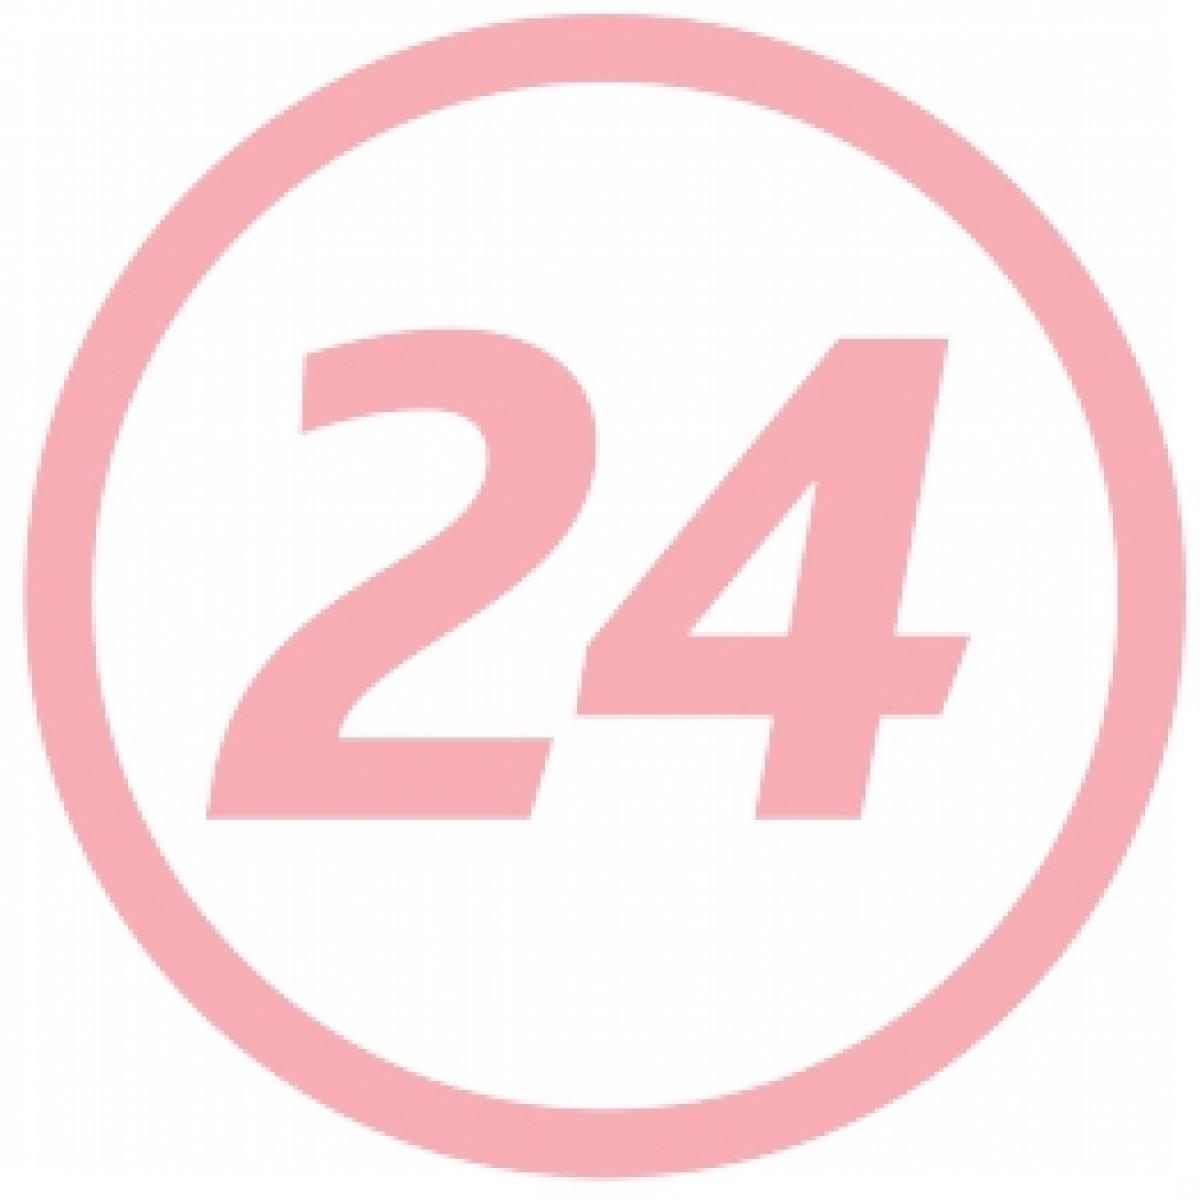 Primii Pasi Tampoane San, Tampoane San, 24buc